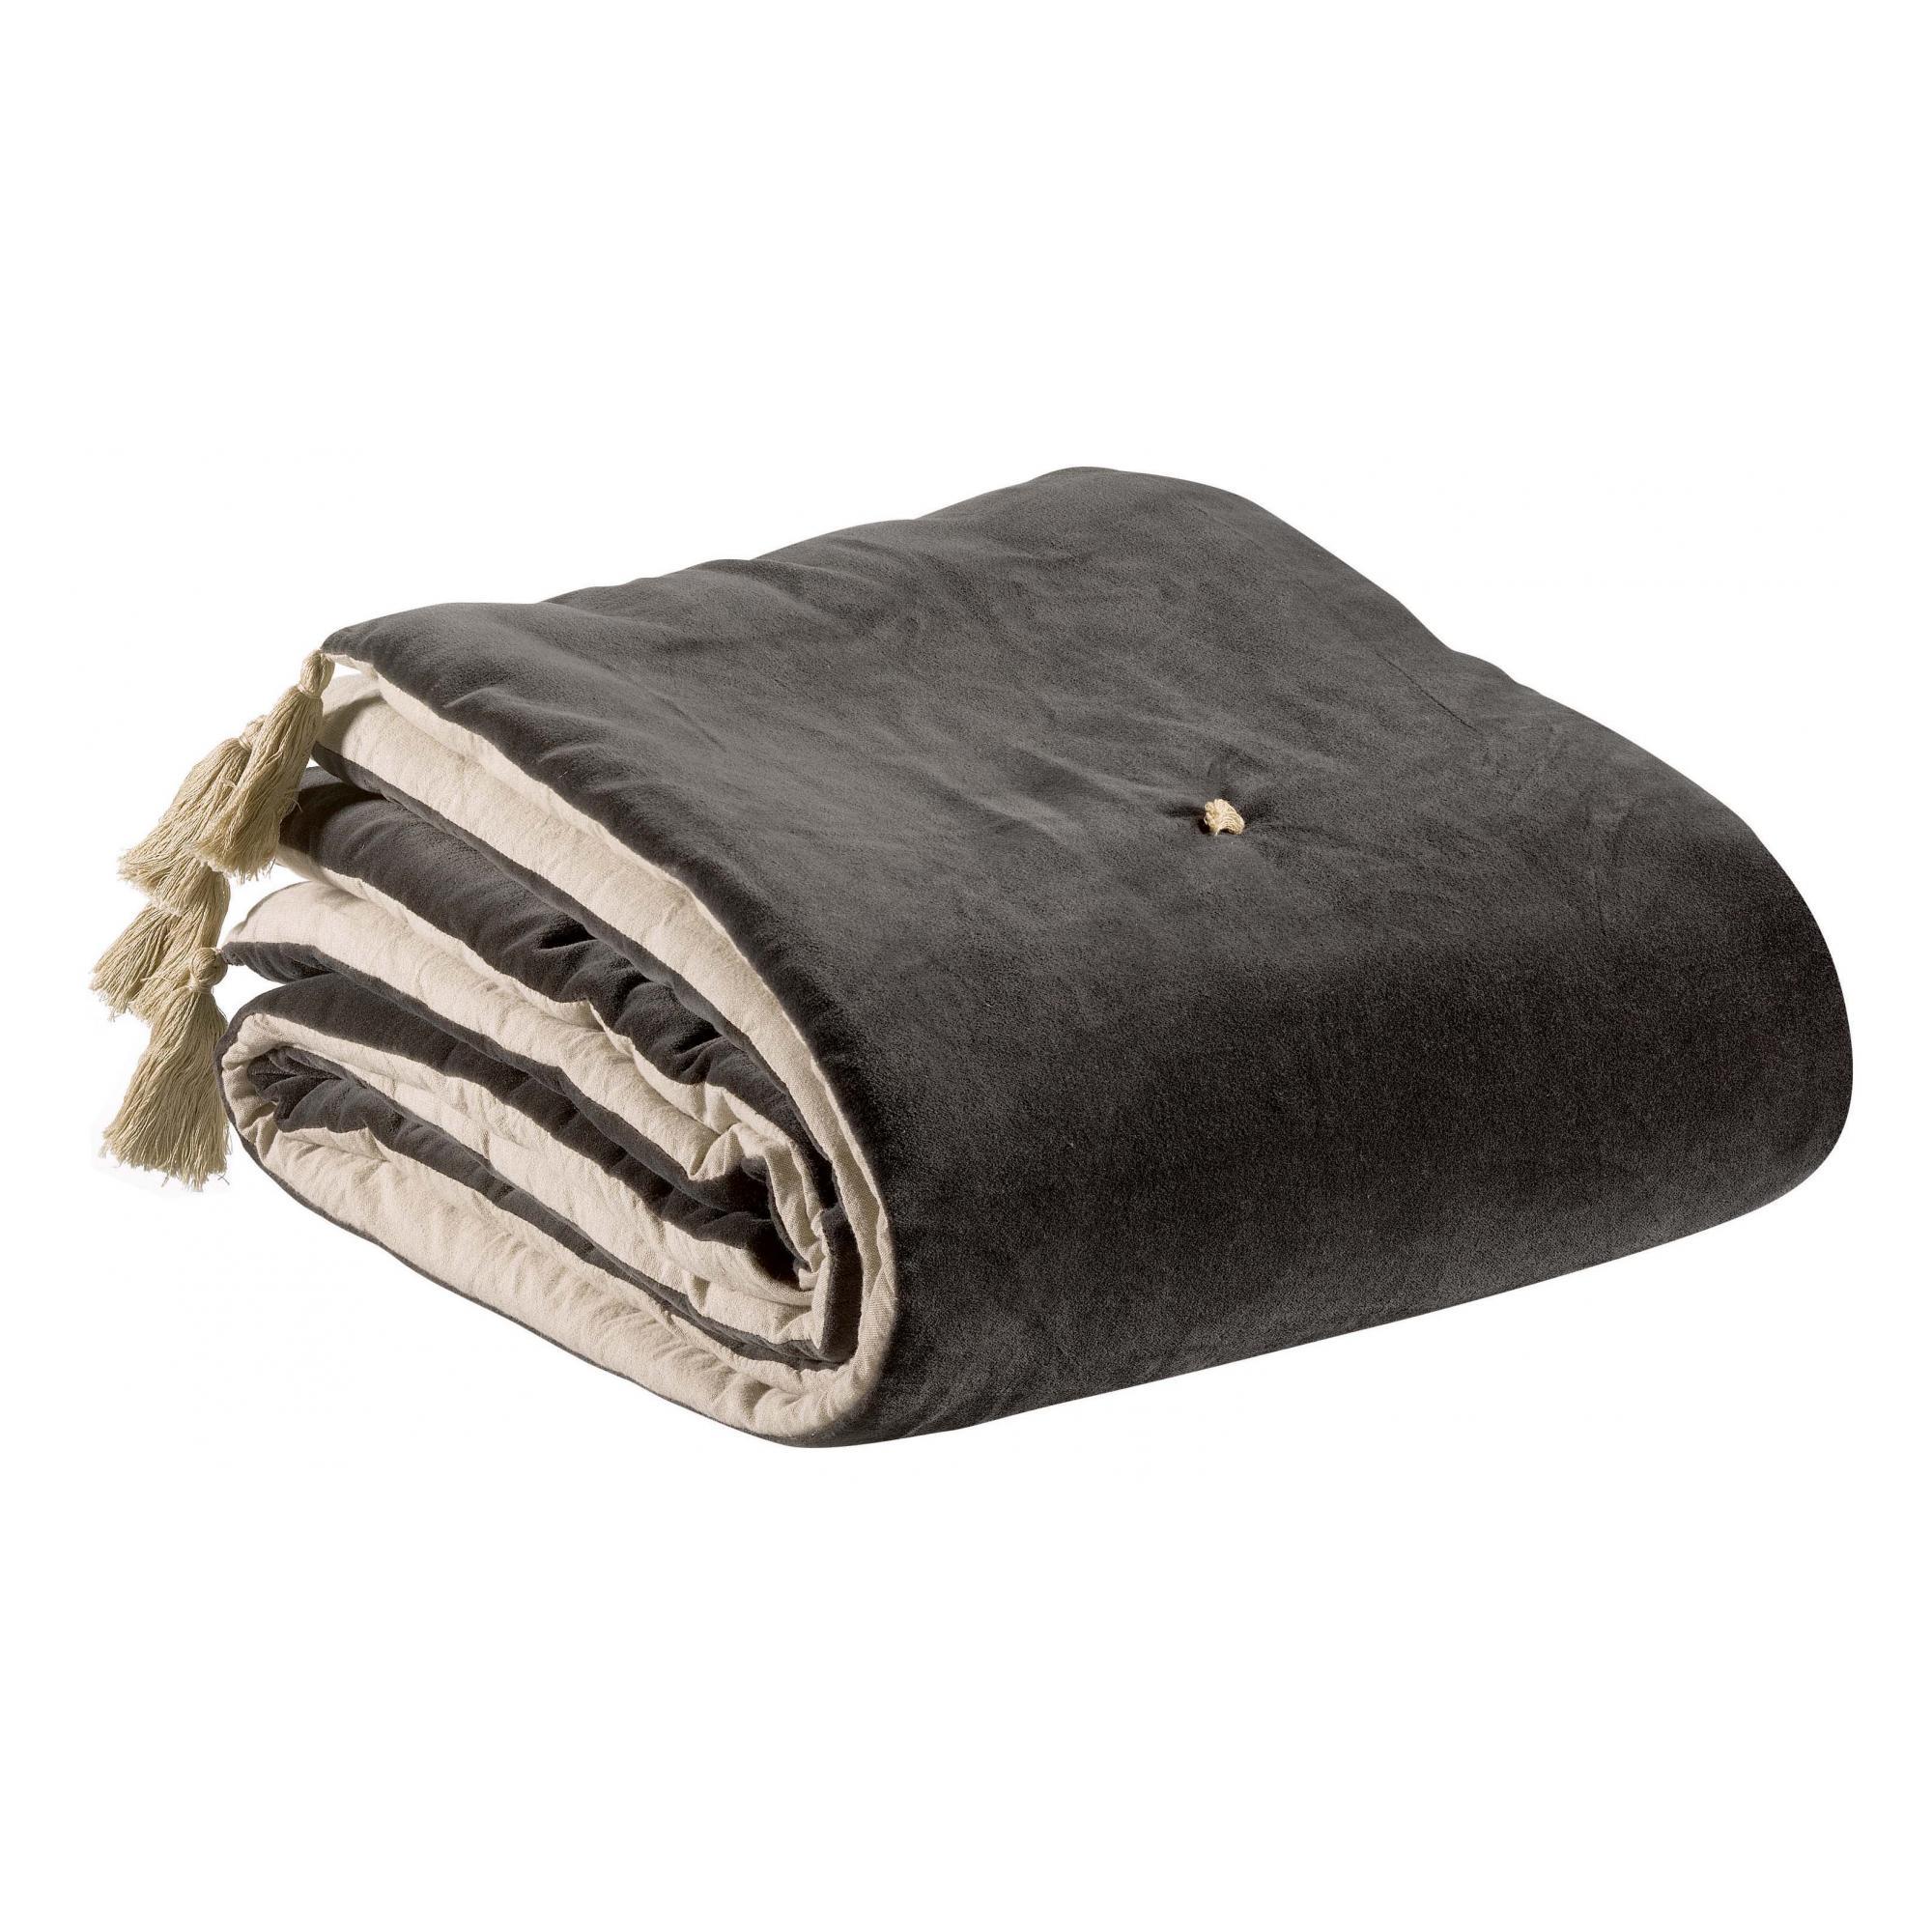 Edredon pompons  en coton tonnerre 80 x 180